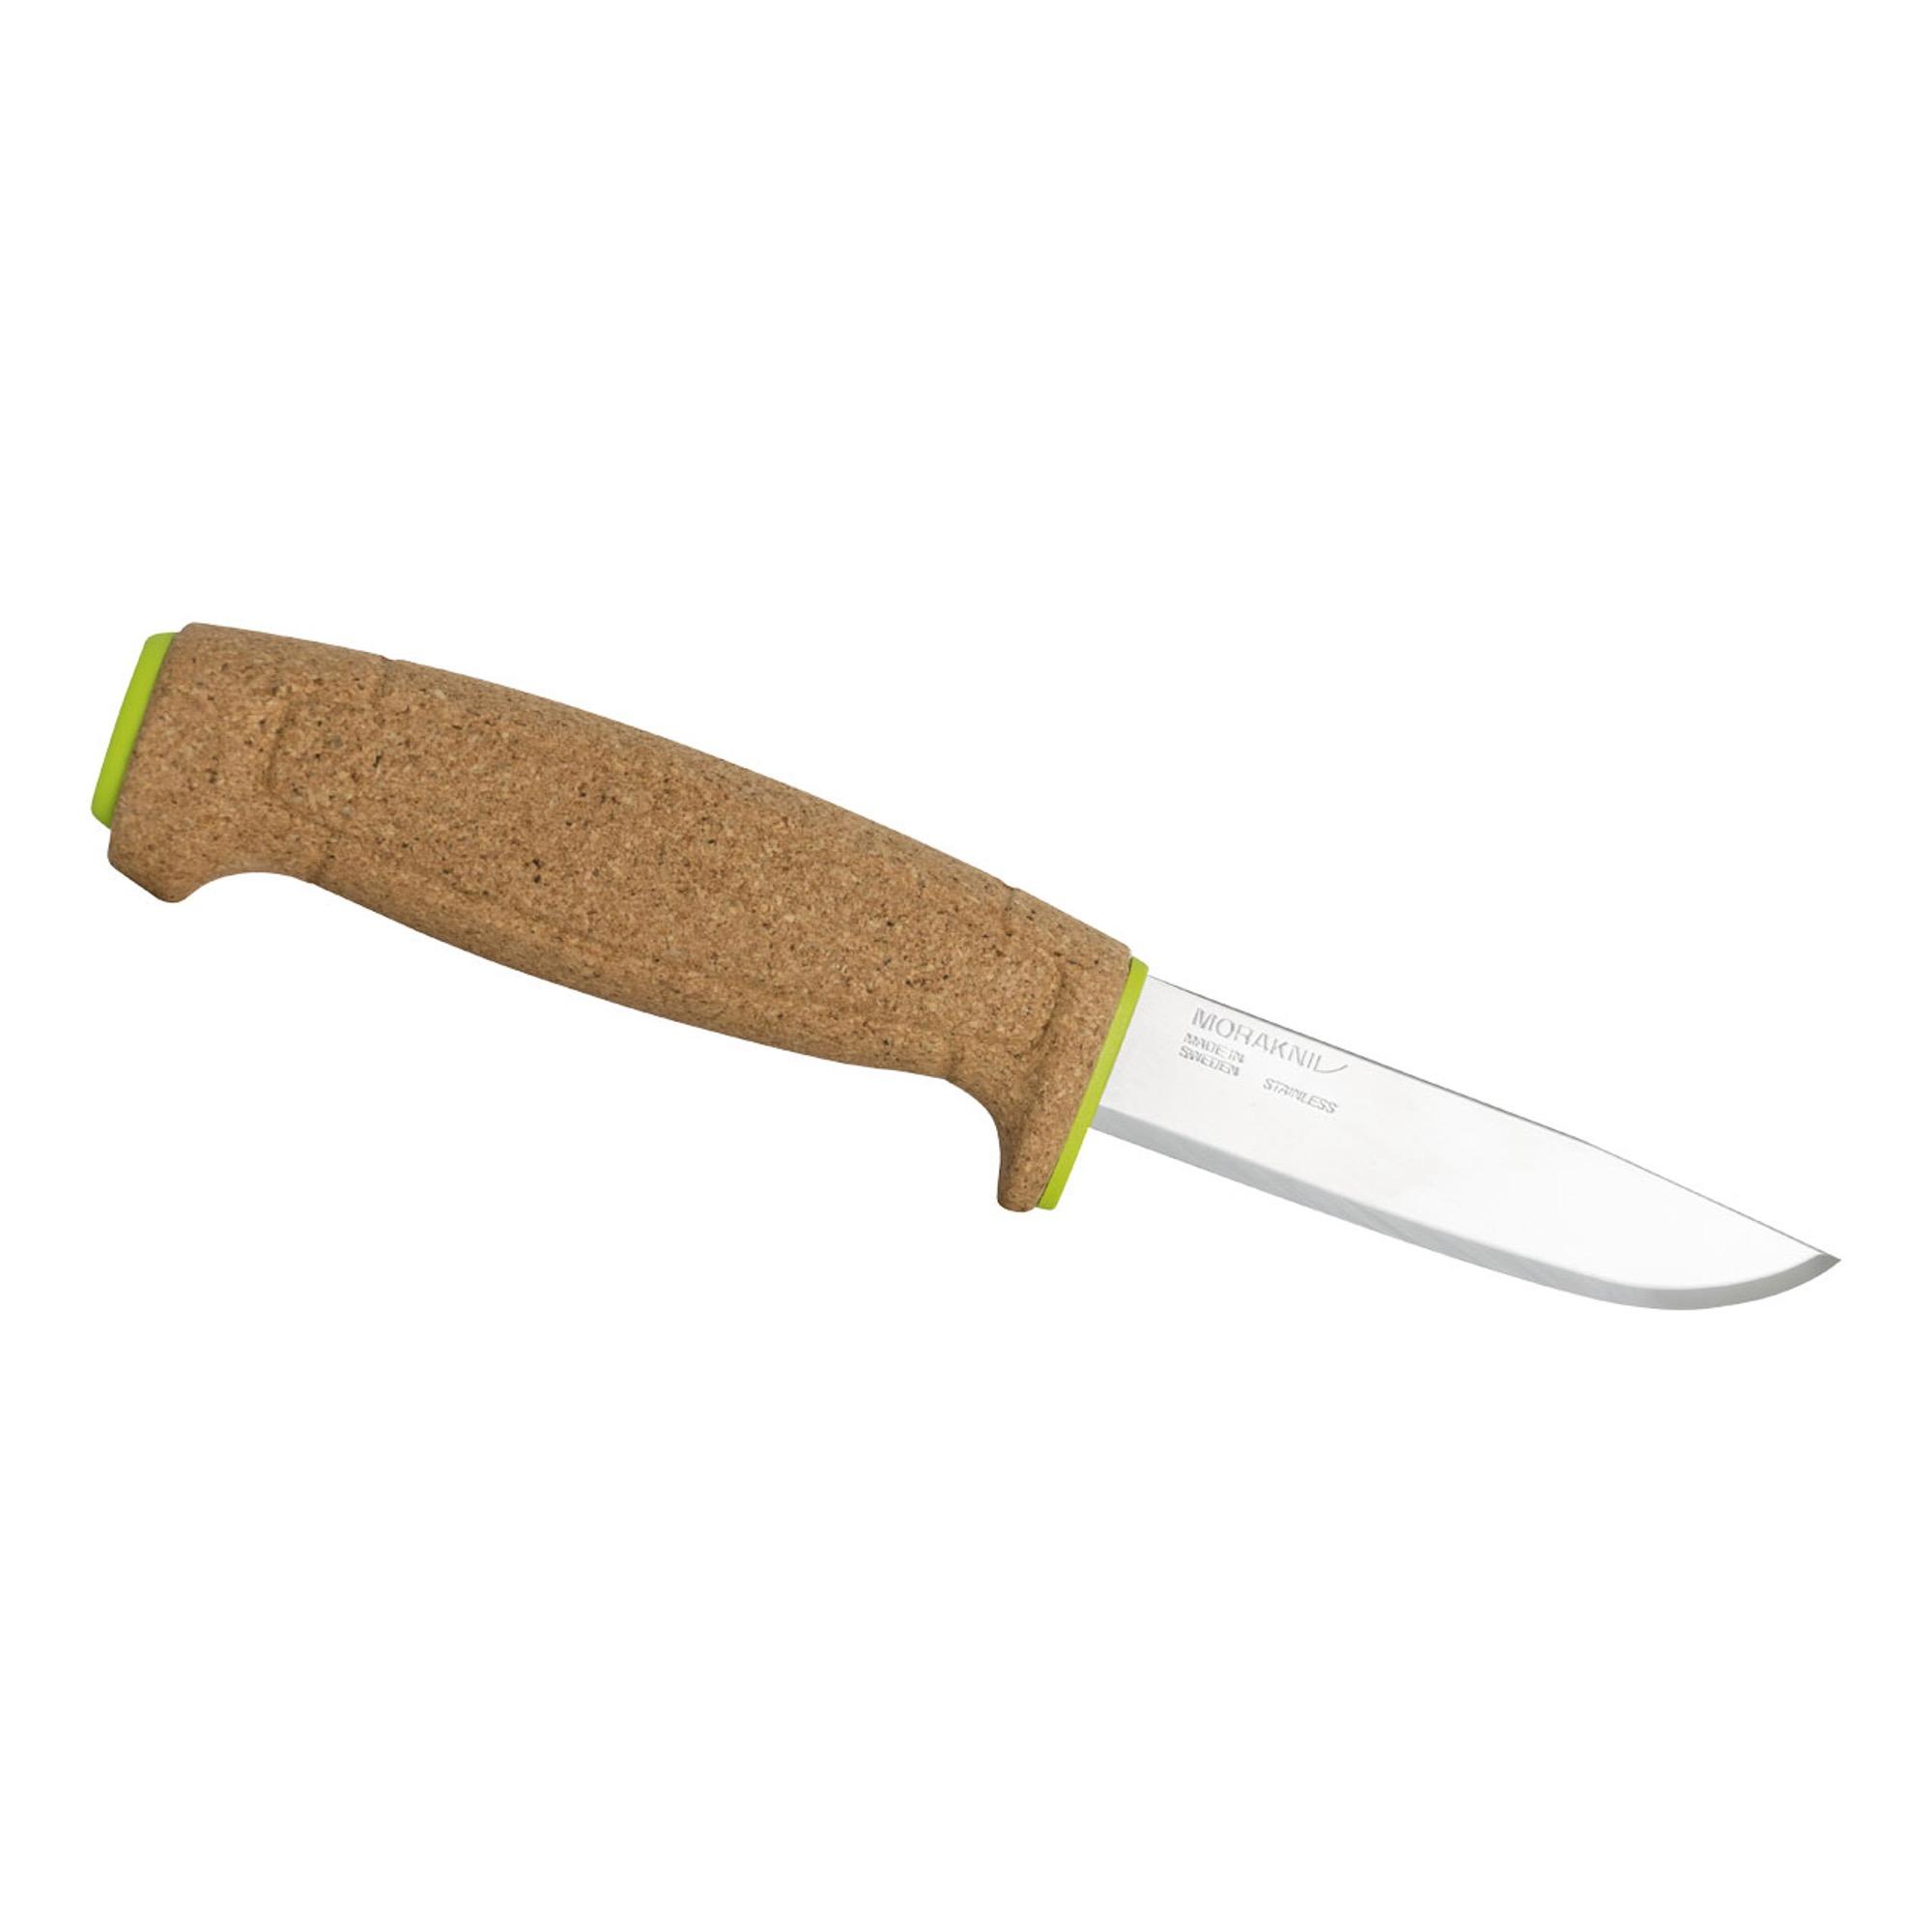 Morakniv – Floating Knife